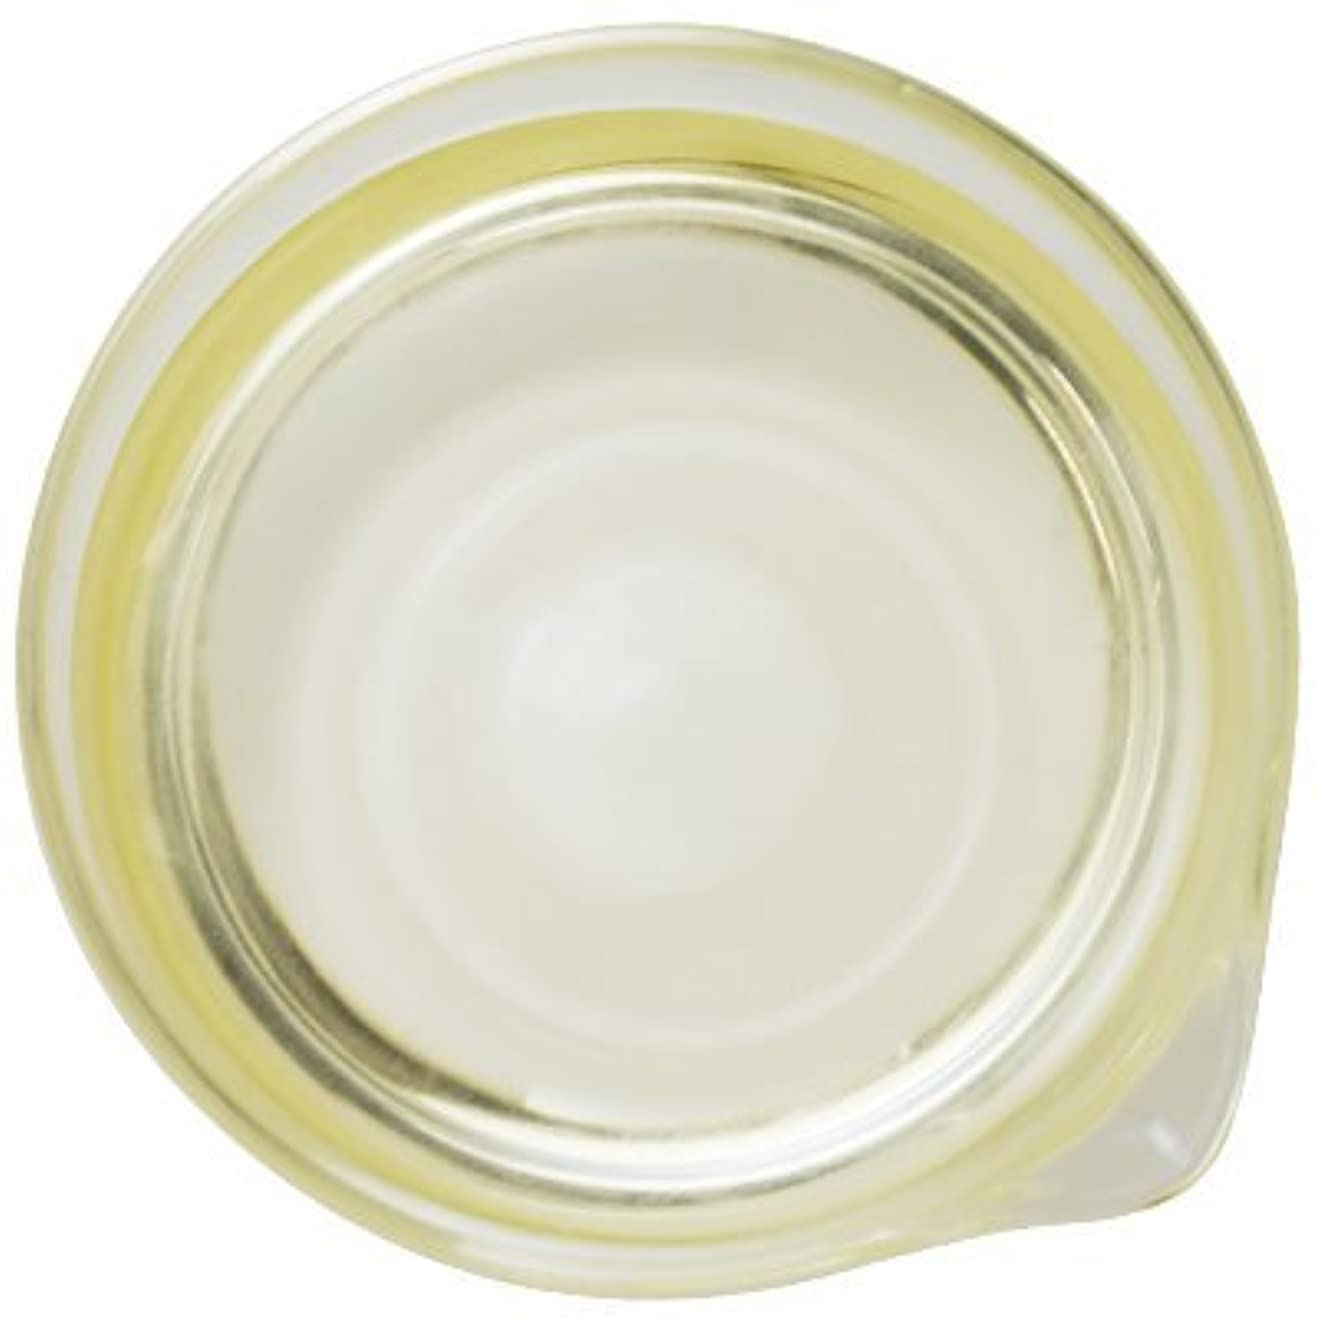 セサミオイル 100ml [白ごま油]【手作り石鹸/手作りコスメ/ごま油】【birth】